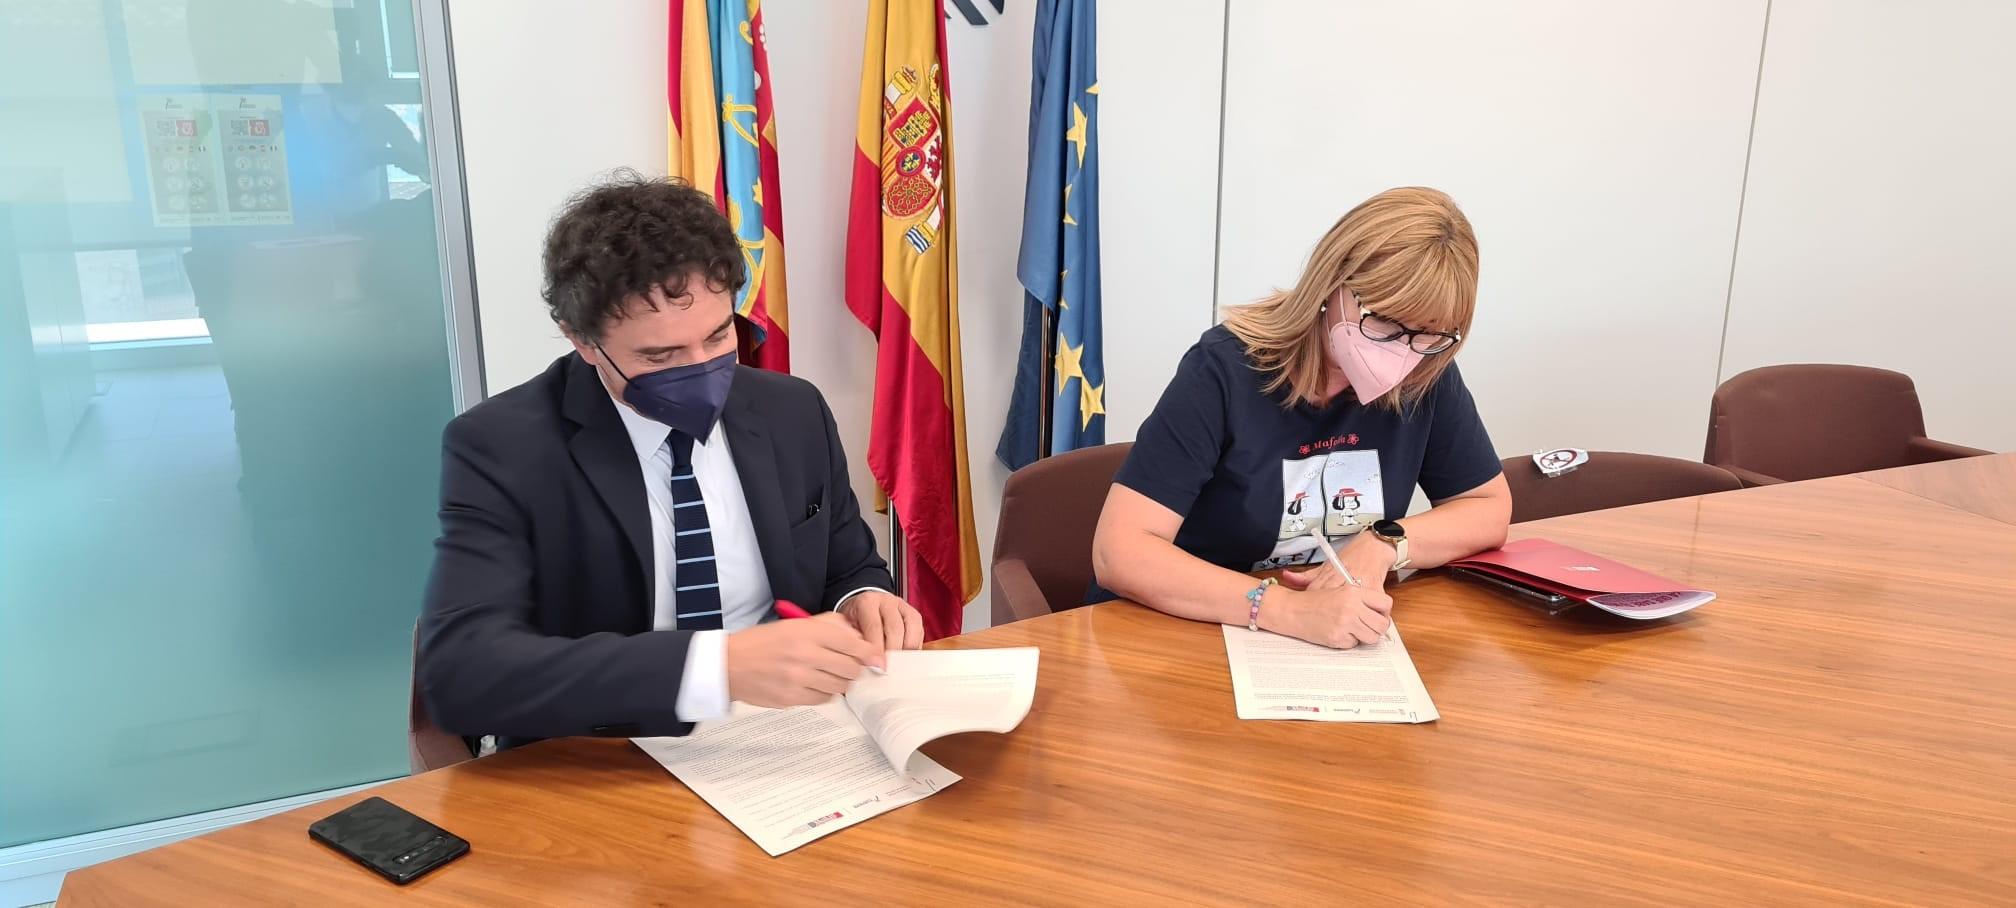 Turisme CV destina 120.000 euros para promocionar la Comunitat Valenciana como destino musical a través de la Federación de Sociedades Musicales